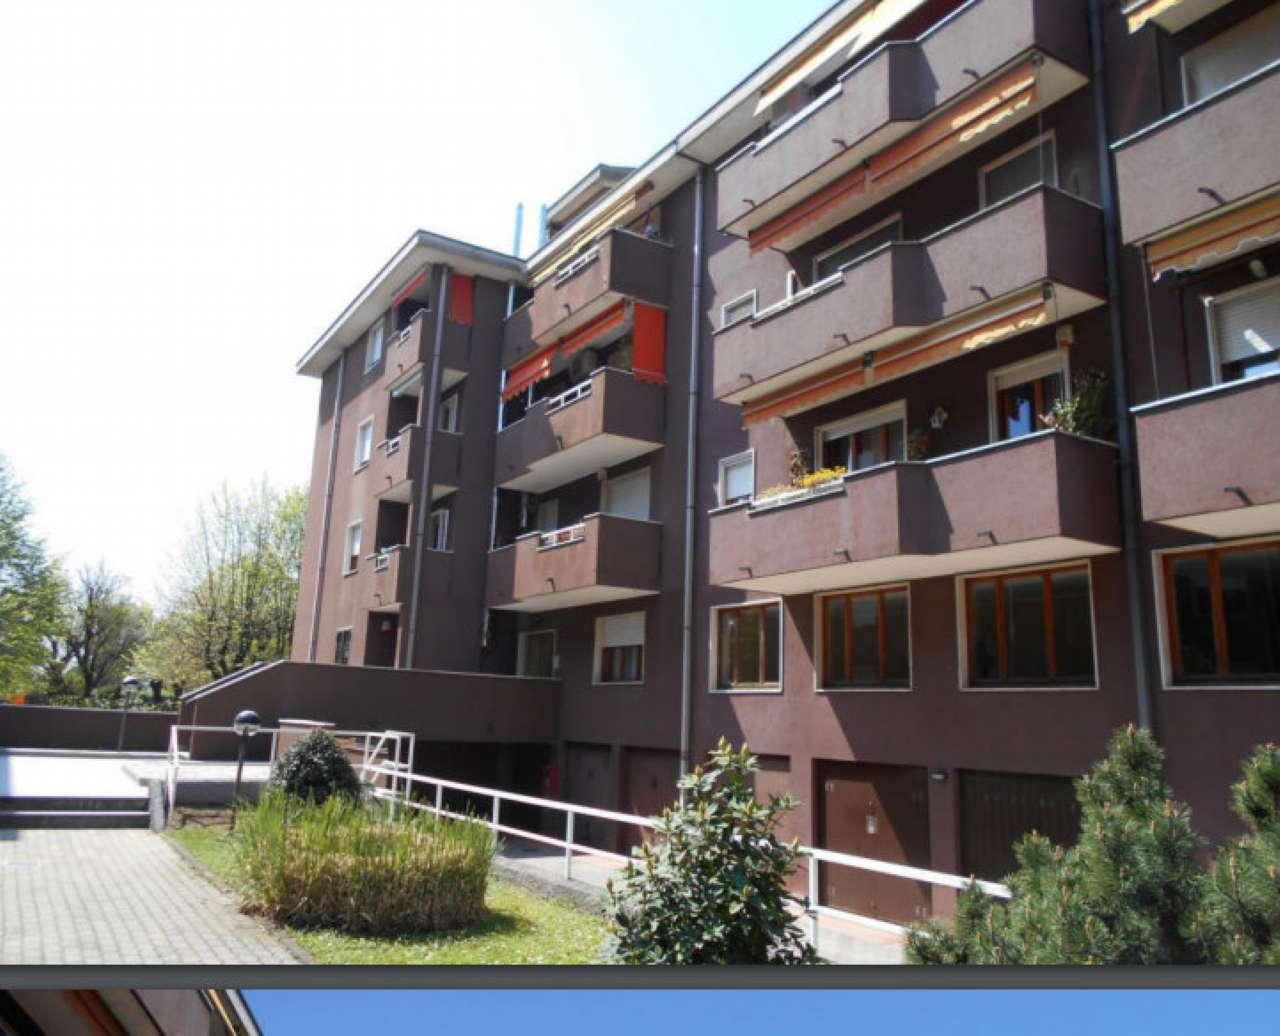 Appartamento in vendita a Pregnana Milanese, 3 locali, prezzo € 89.250 | PortaleAgenzieImmobiliari.it